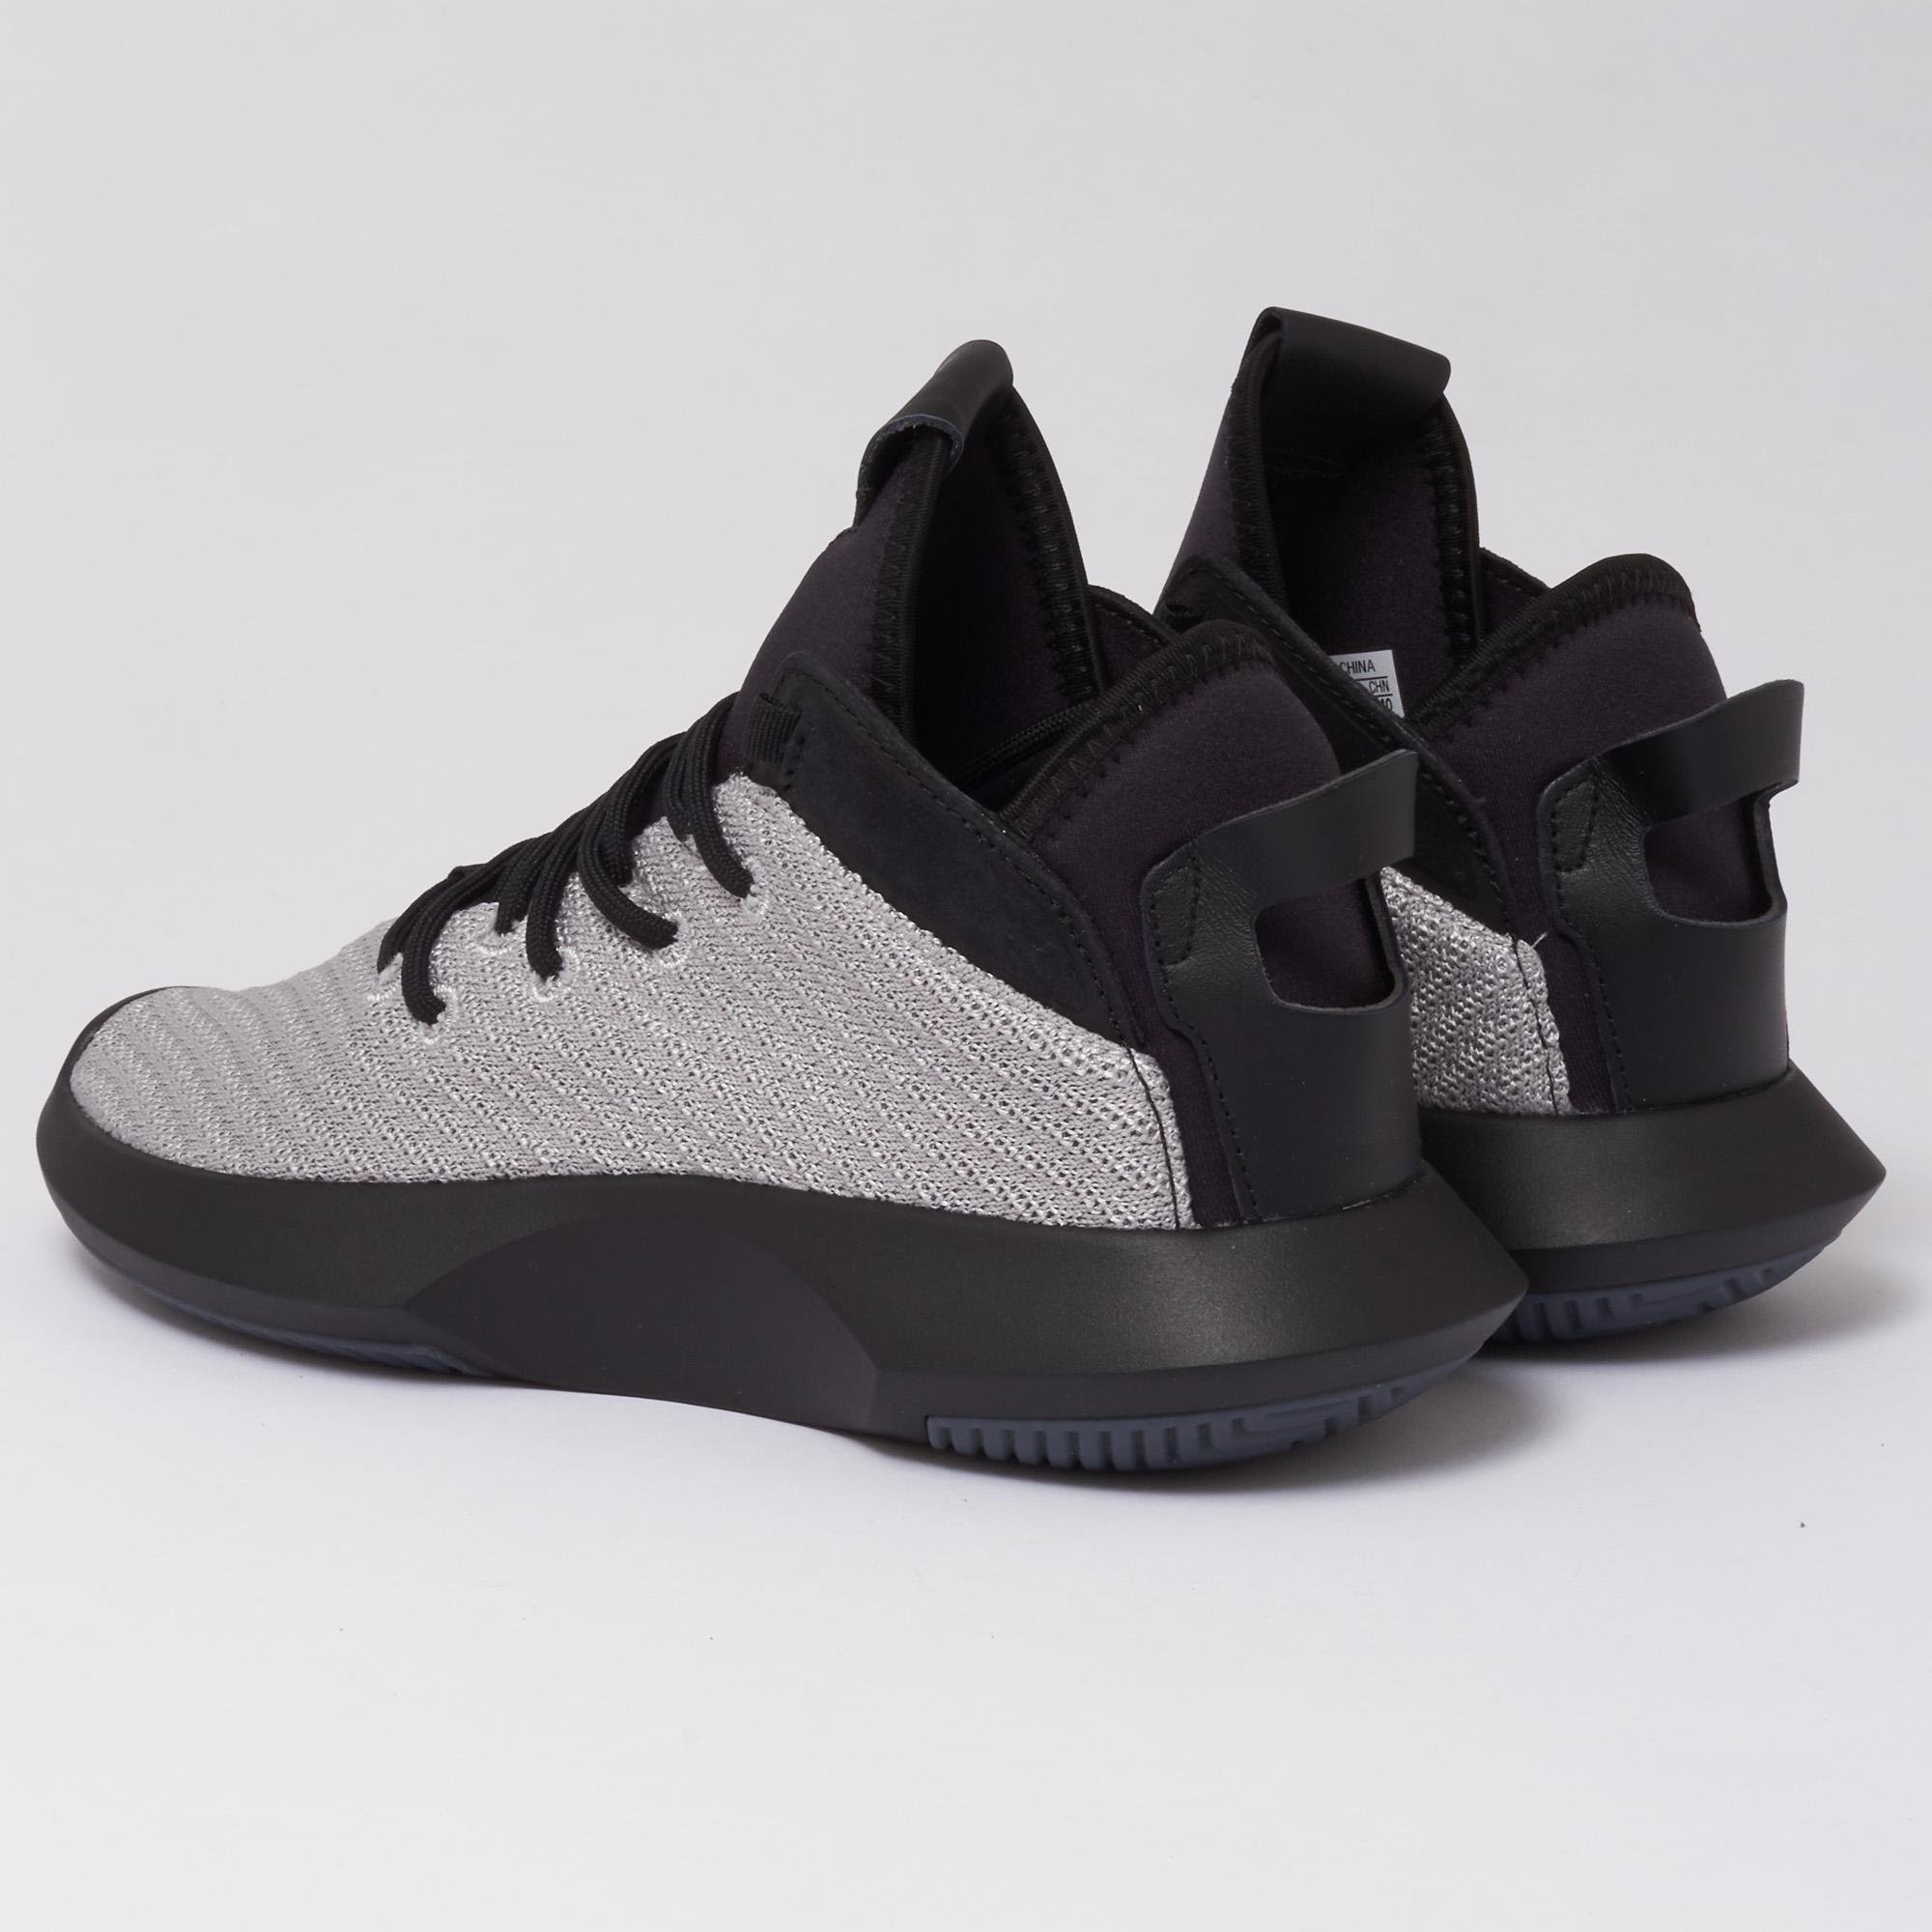 online store d0d70 e2e7f Adidas Originals - Metallic Silver Crazy 1 Adv Primeknit Trainers for Men -  Lyst. View fullscreen